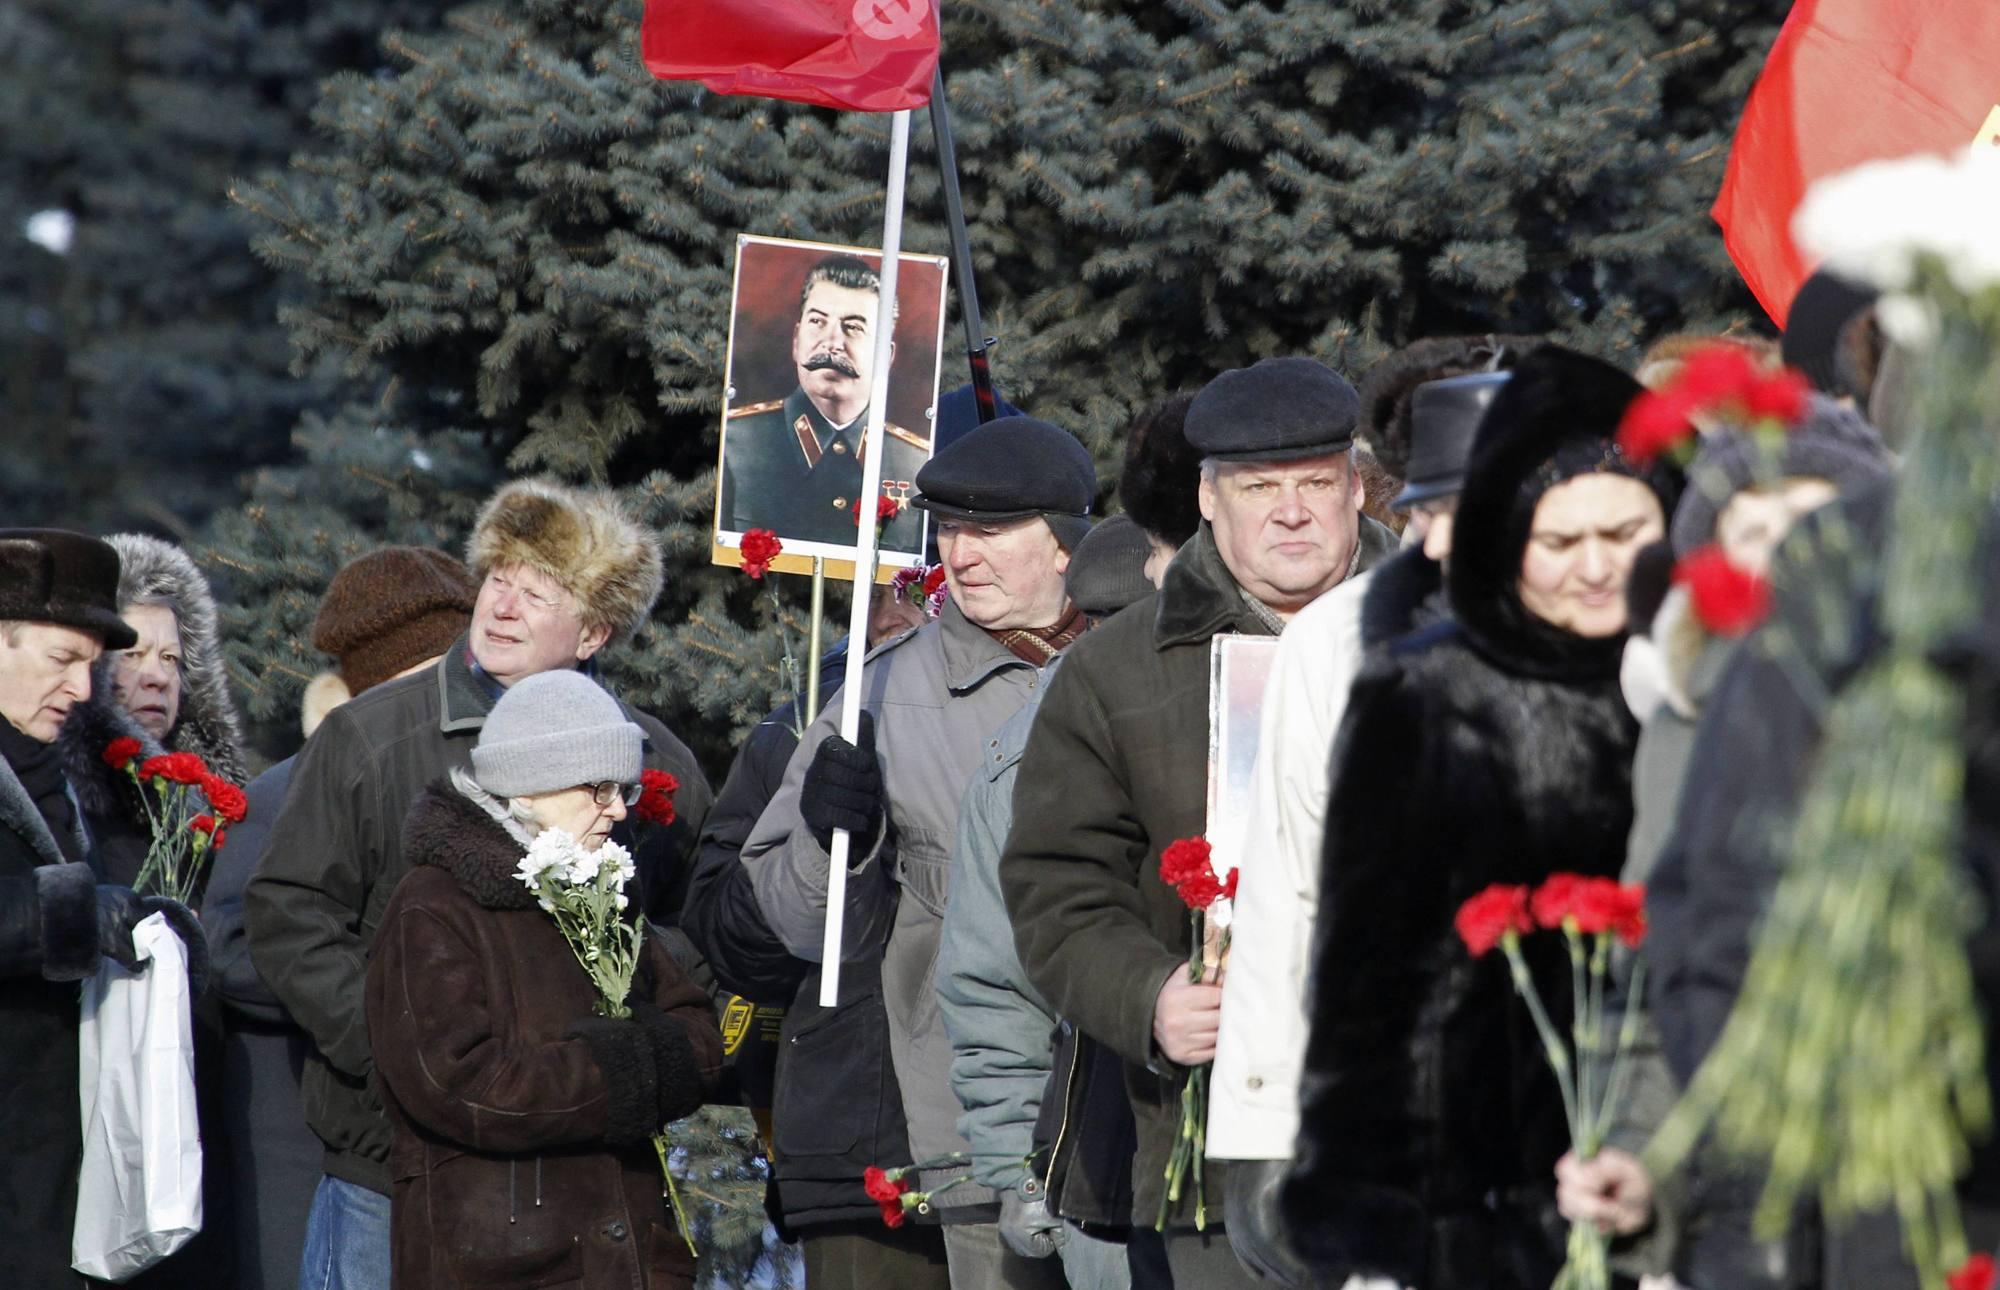 Reuters/Karpukhin